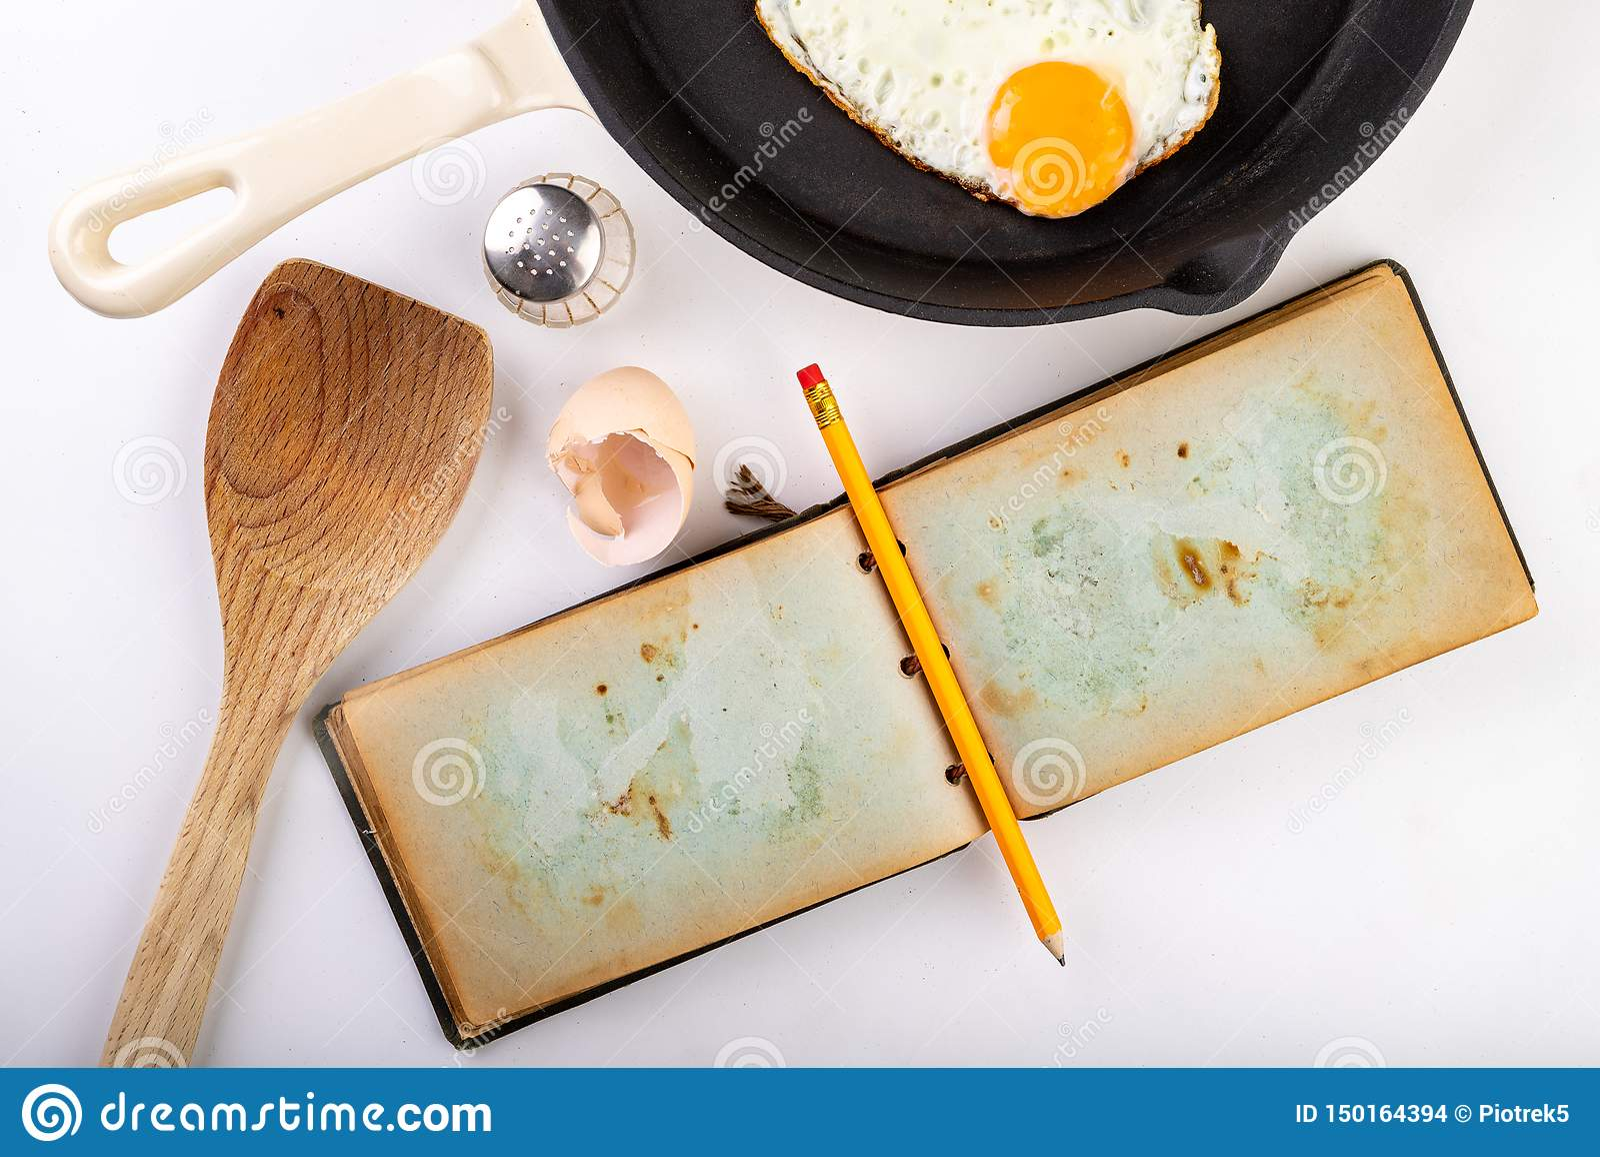 Huevo frito asty en una sartén del arrabio  Preparación de un desayuno sabroso según la receta de un cuaderno viejo